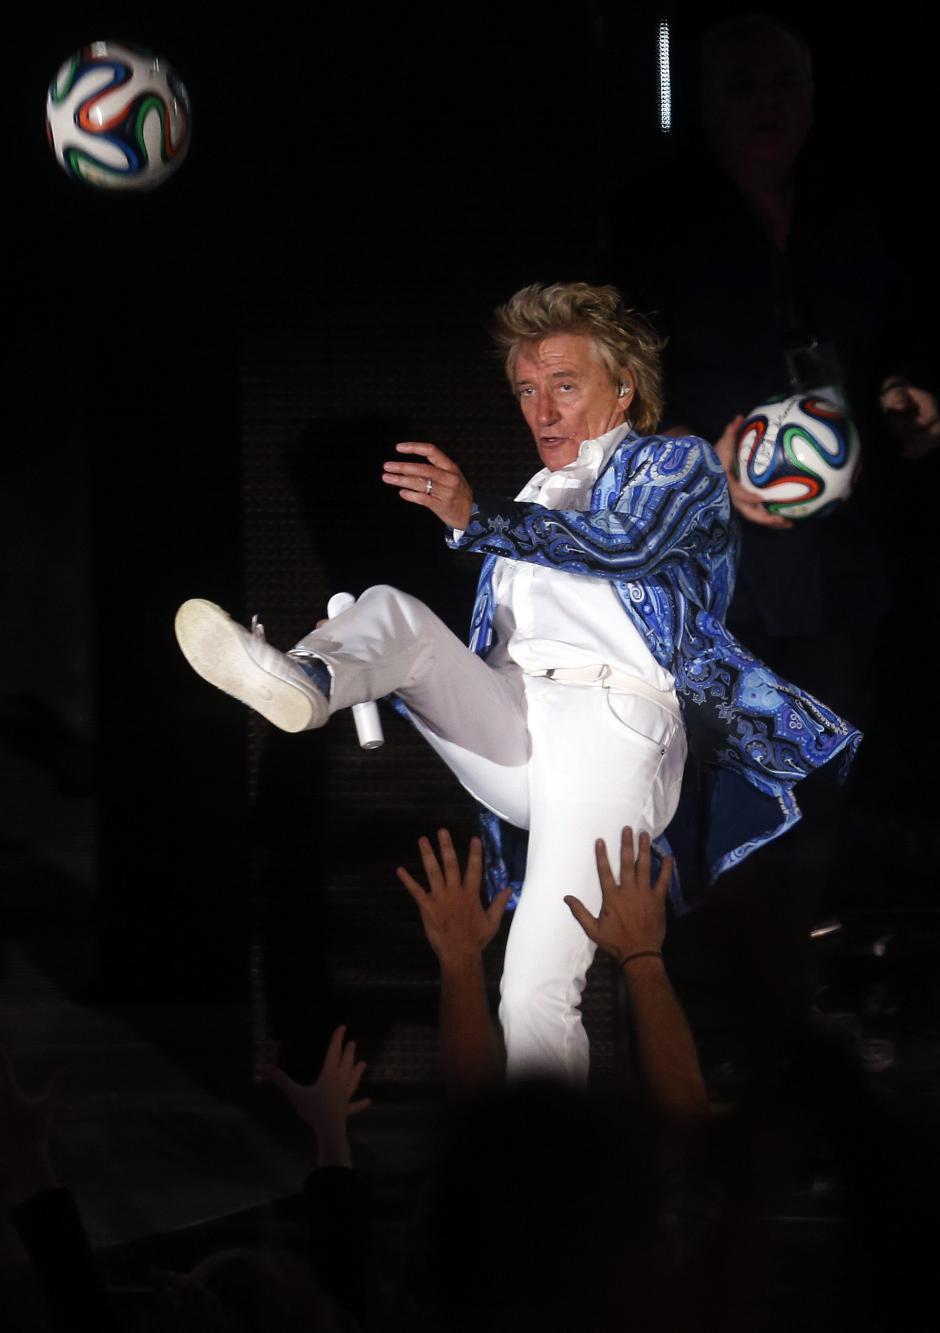 Rod Stewart fue ovacionado; él regalo pelotas y cantó sus éxitos en la Quinta Vergara que le devolvió la entrega. (Foto: EFE/Felipe Trueba)